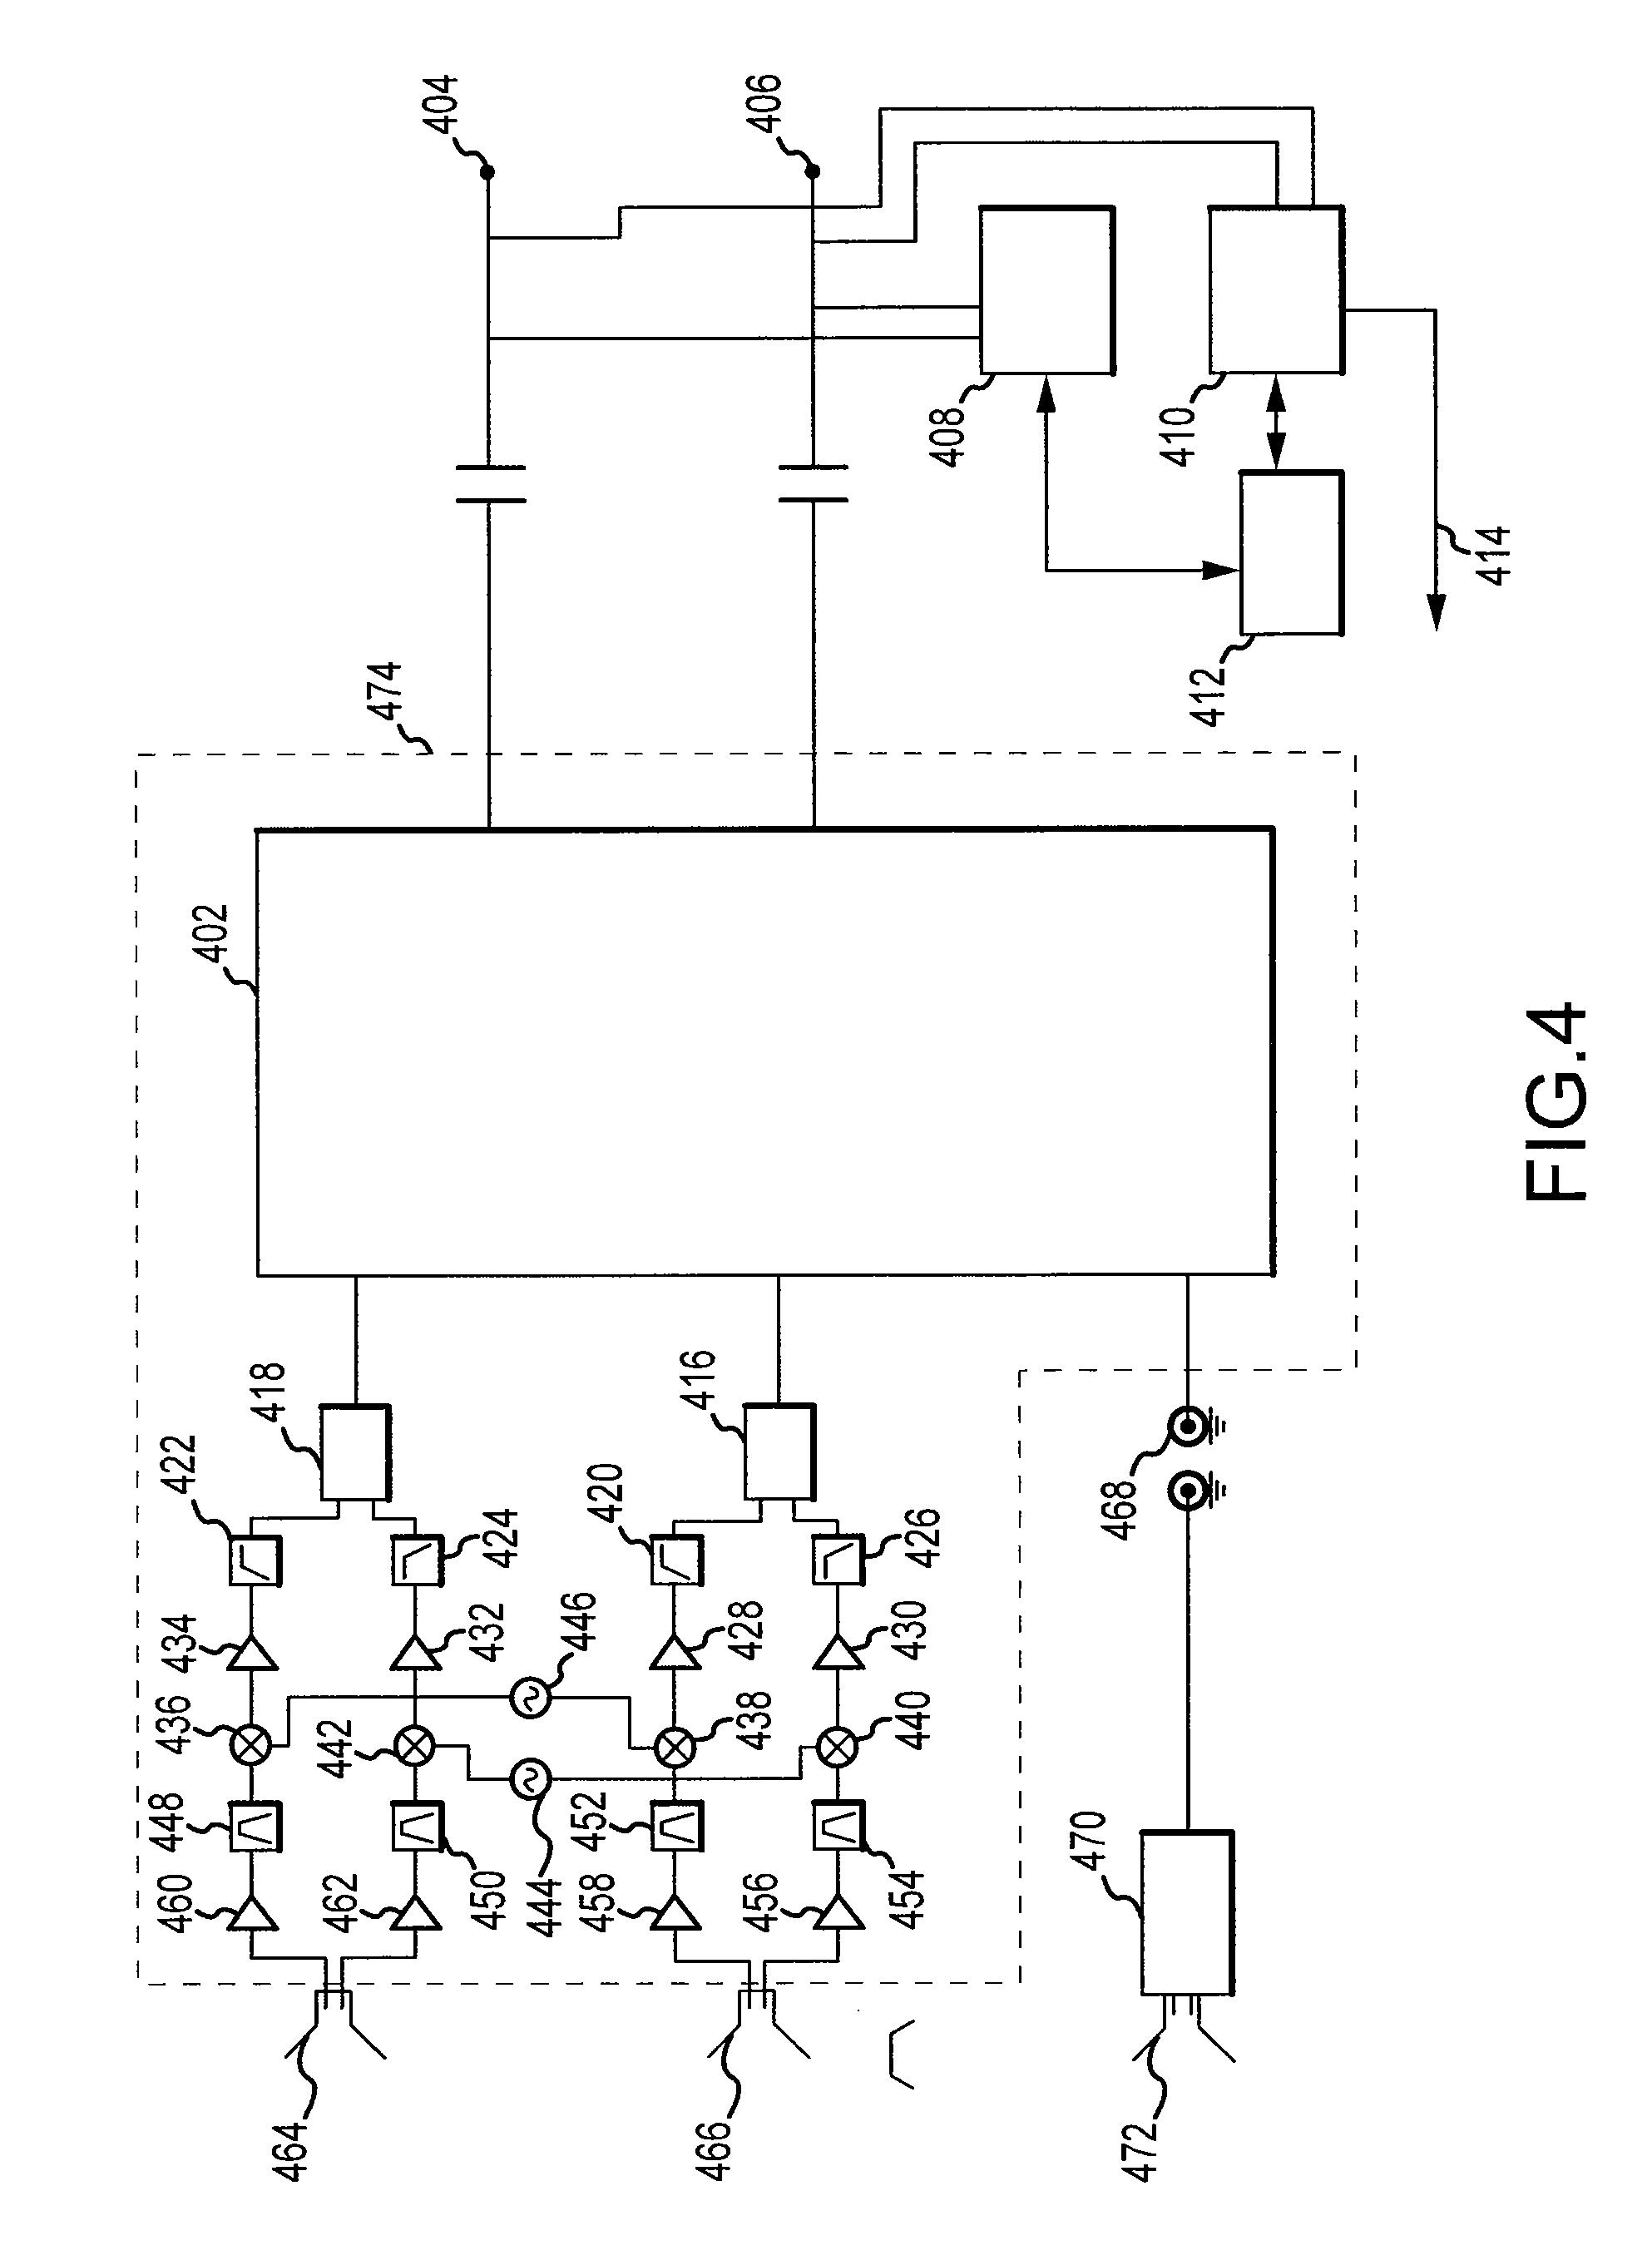 dish network wiring diagram 722  dish  free wiring